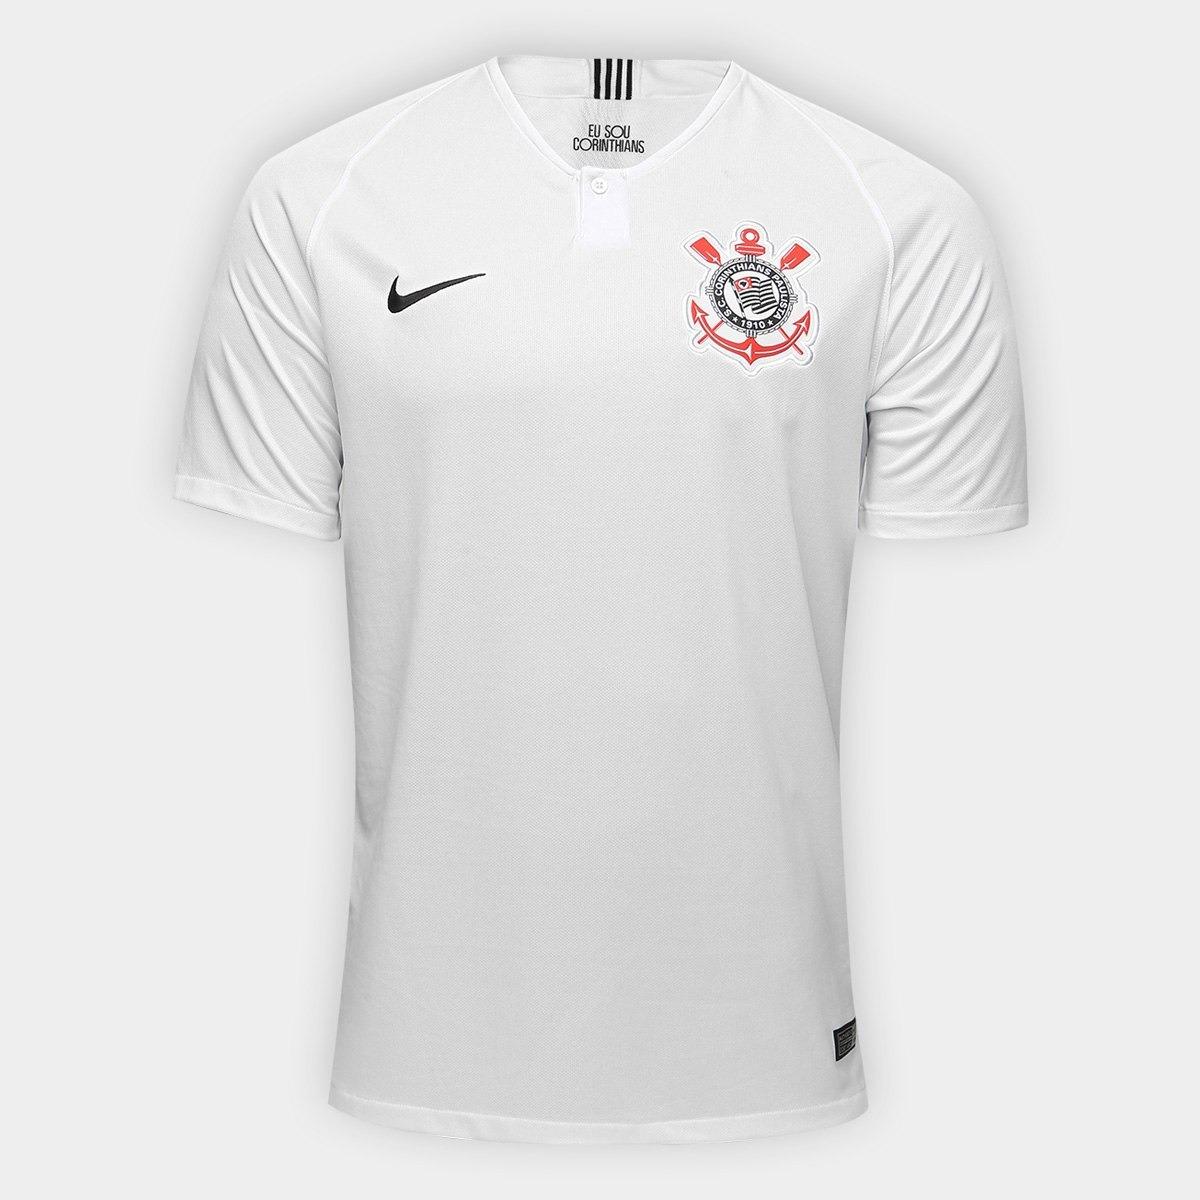 camisa do corinthians nova listrada timão branca preta azul. Carregando zoom . 3daa513149594